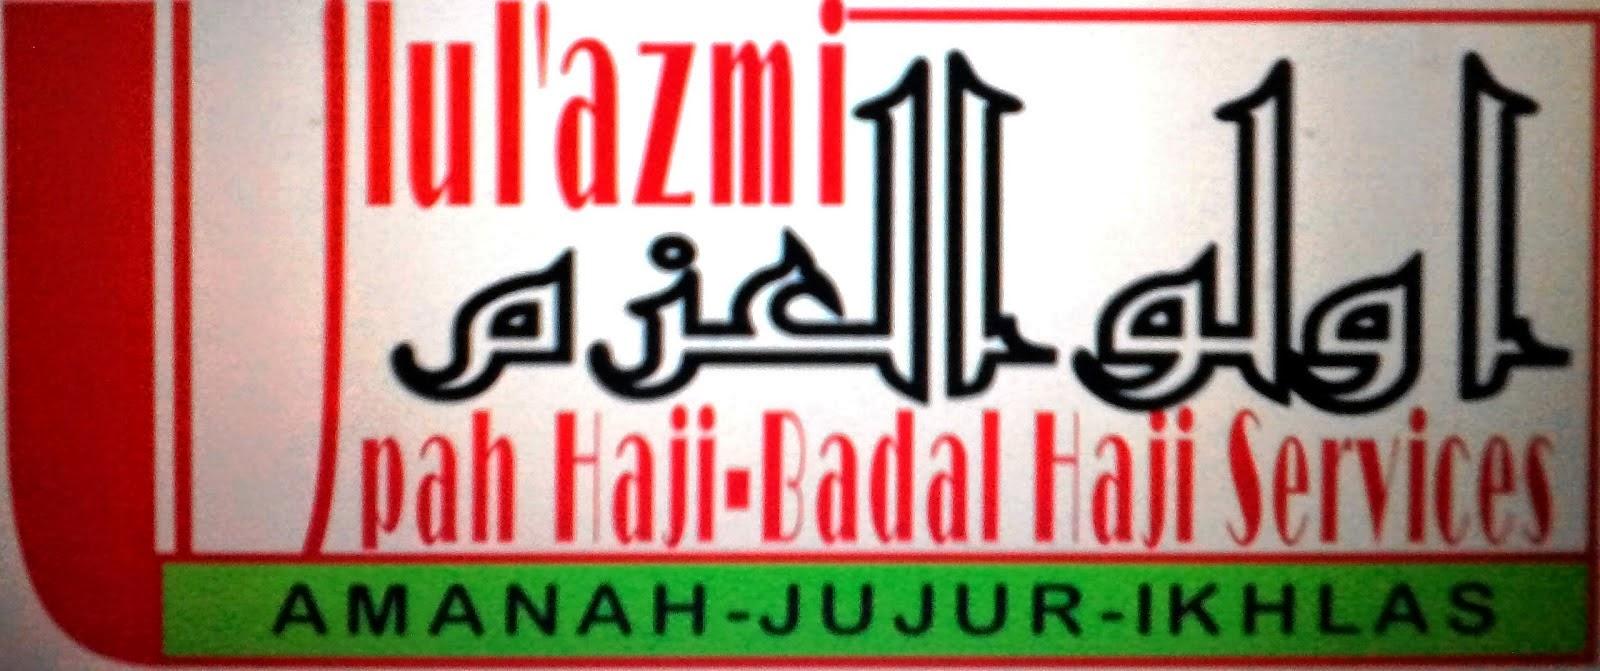 Upah Haji 1439 Dibuka Untuk Pendaftaran